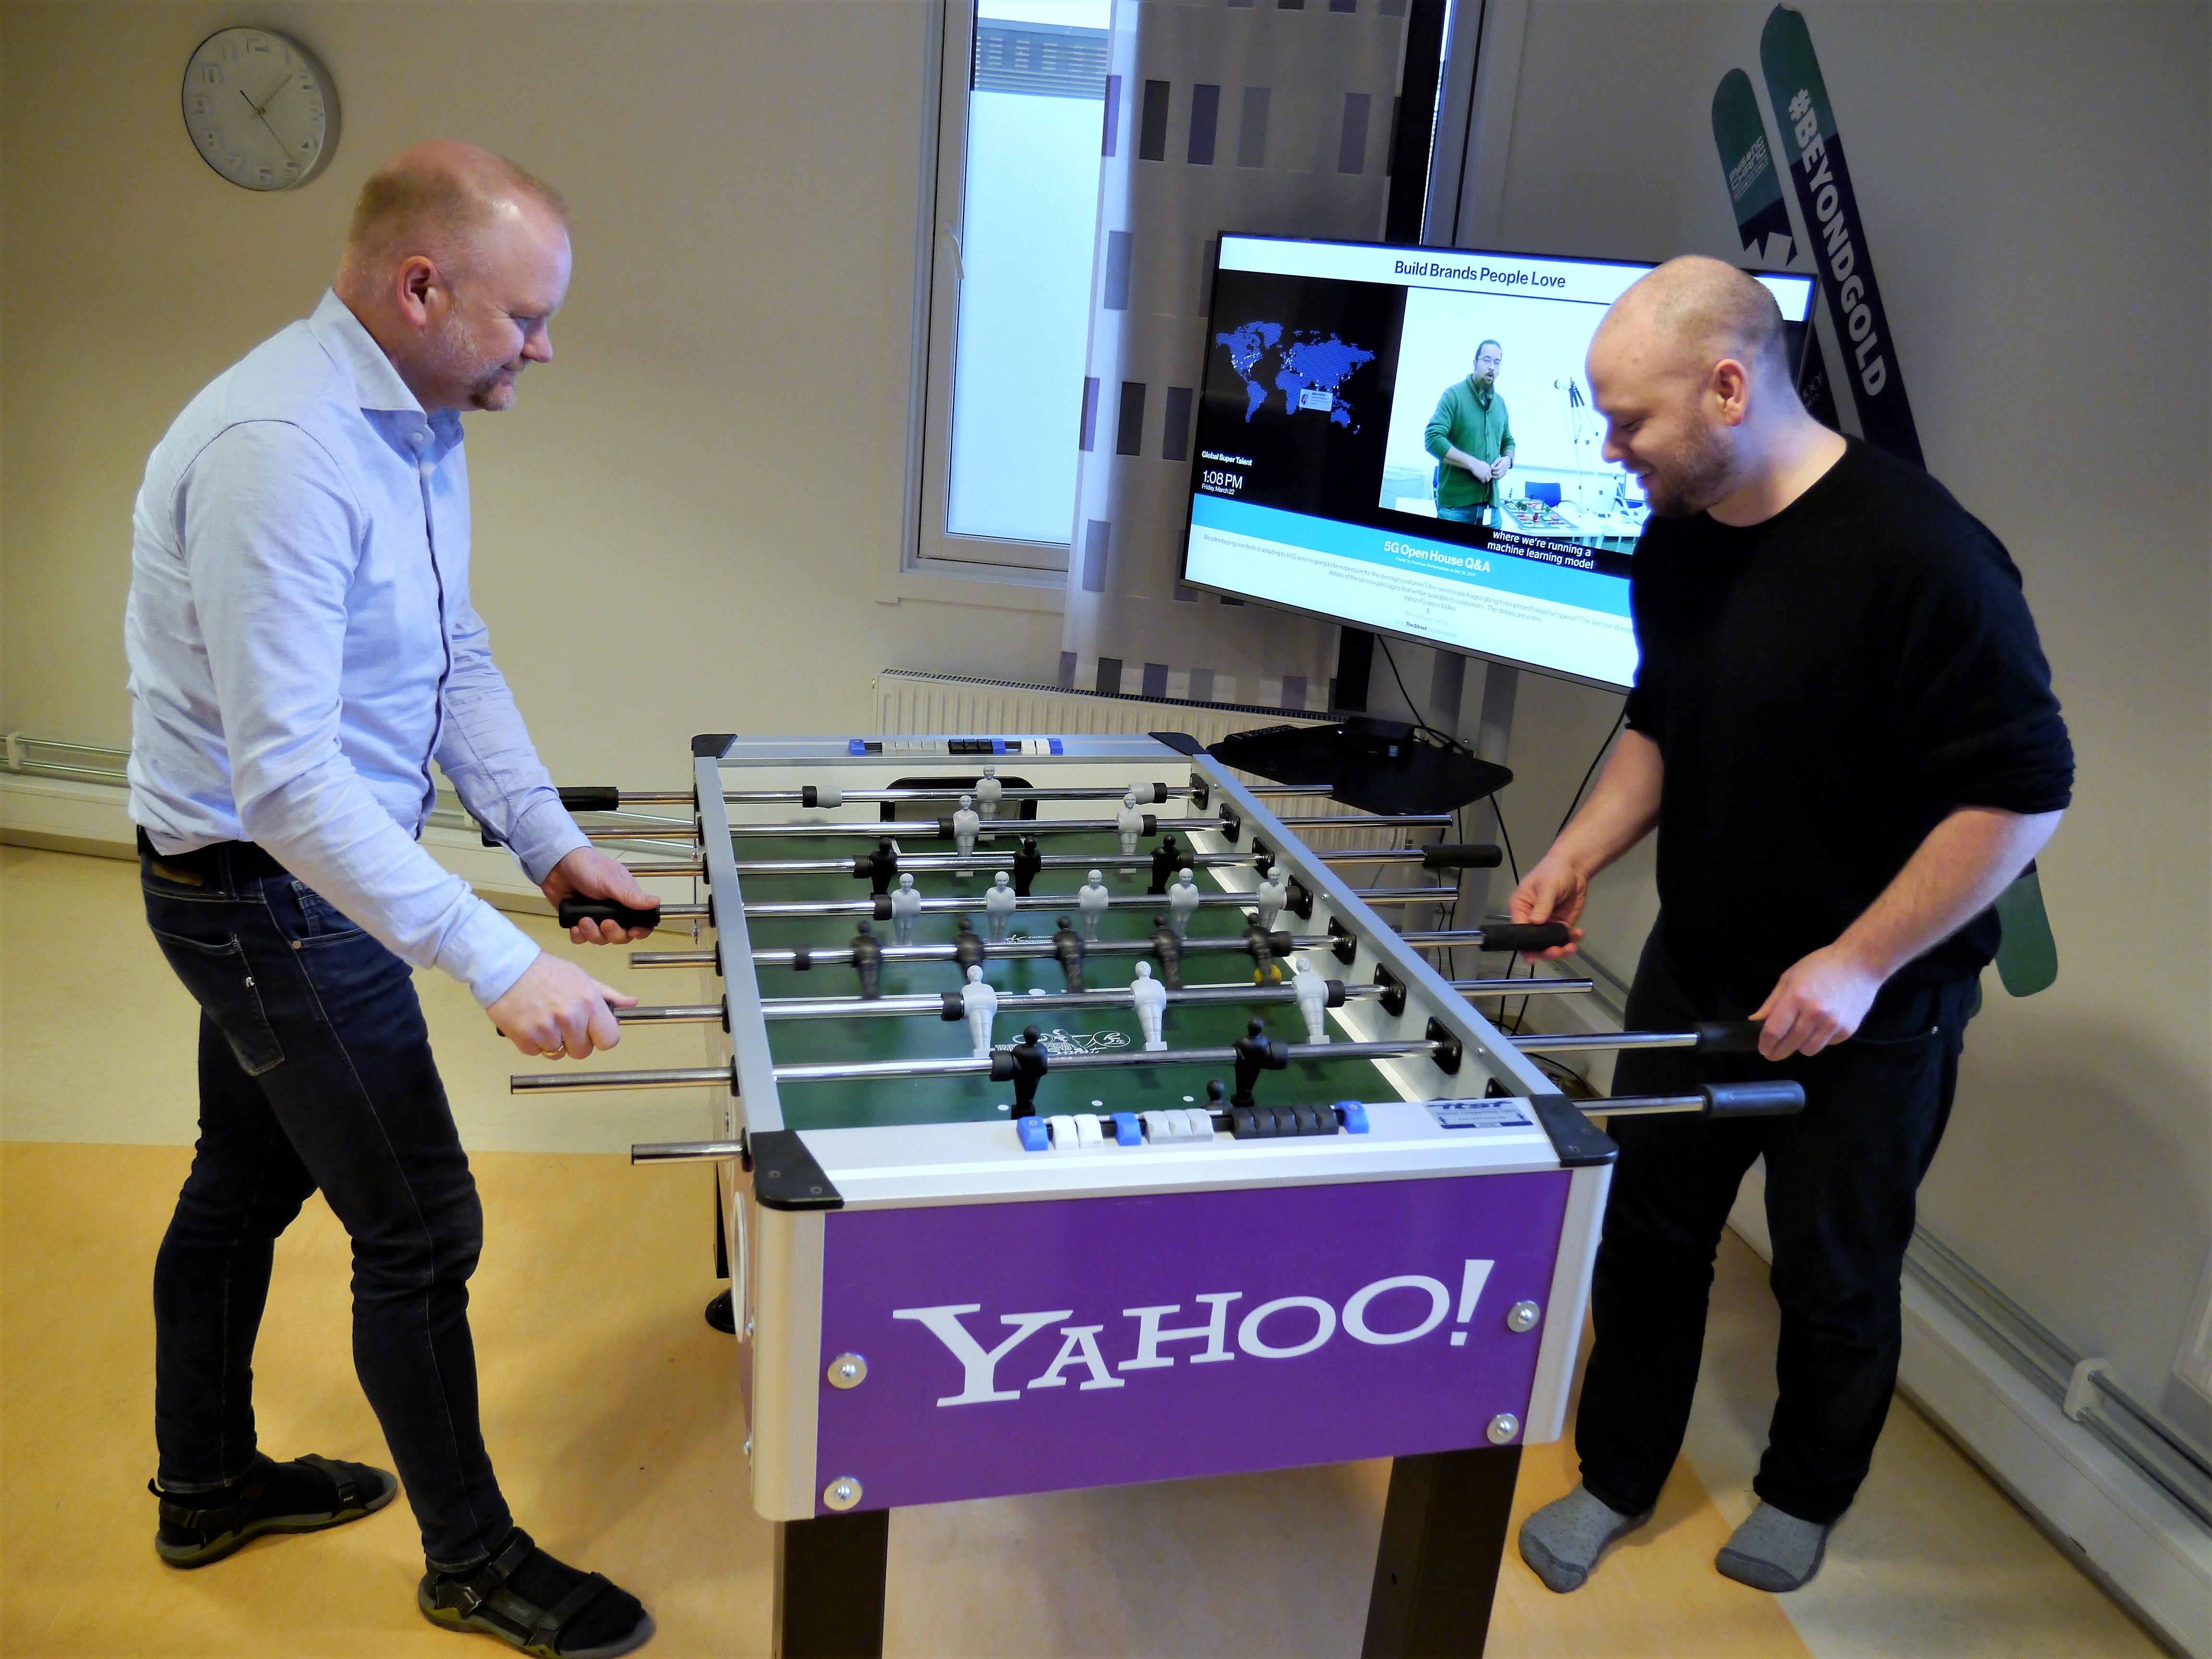 Skifter navn til Verizon Media, men beholder merkevaren Yahoo! Daglig leder Kim Omar Johansen og utvikler Jon Marius Venstad kjører en omgang fussball.